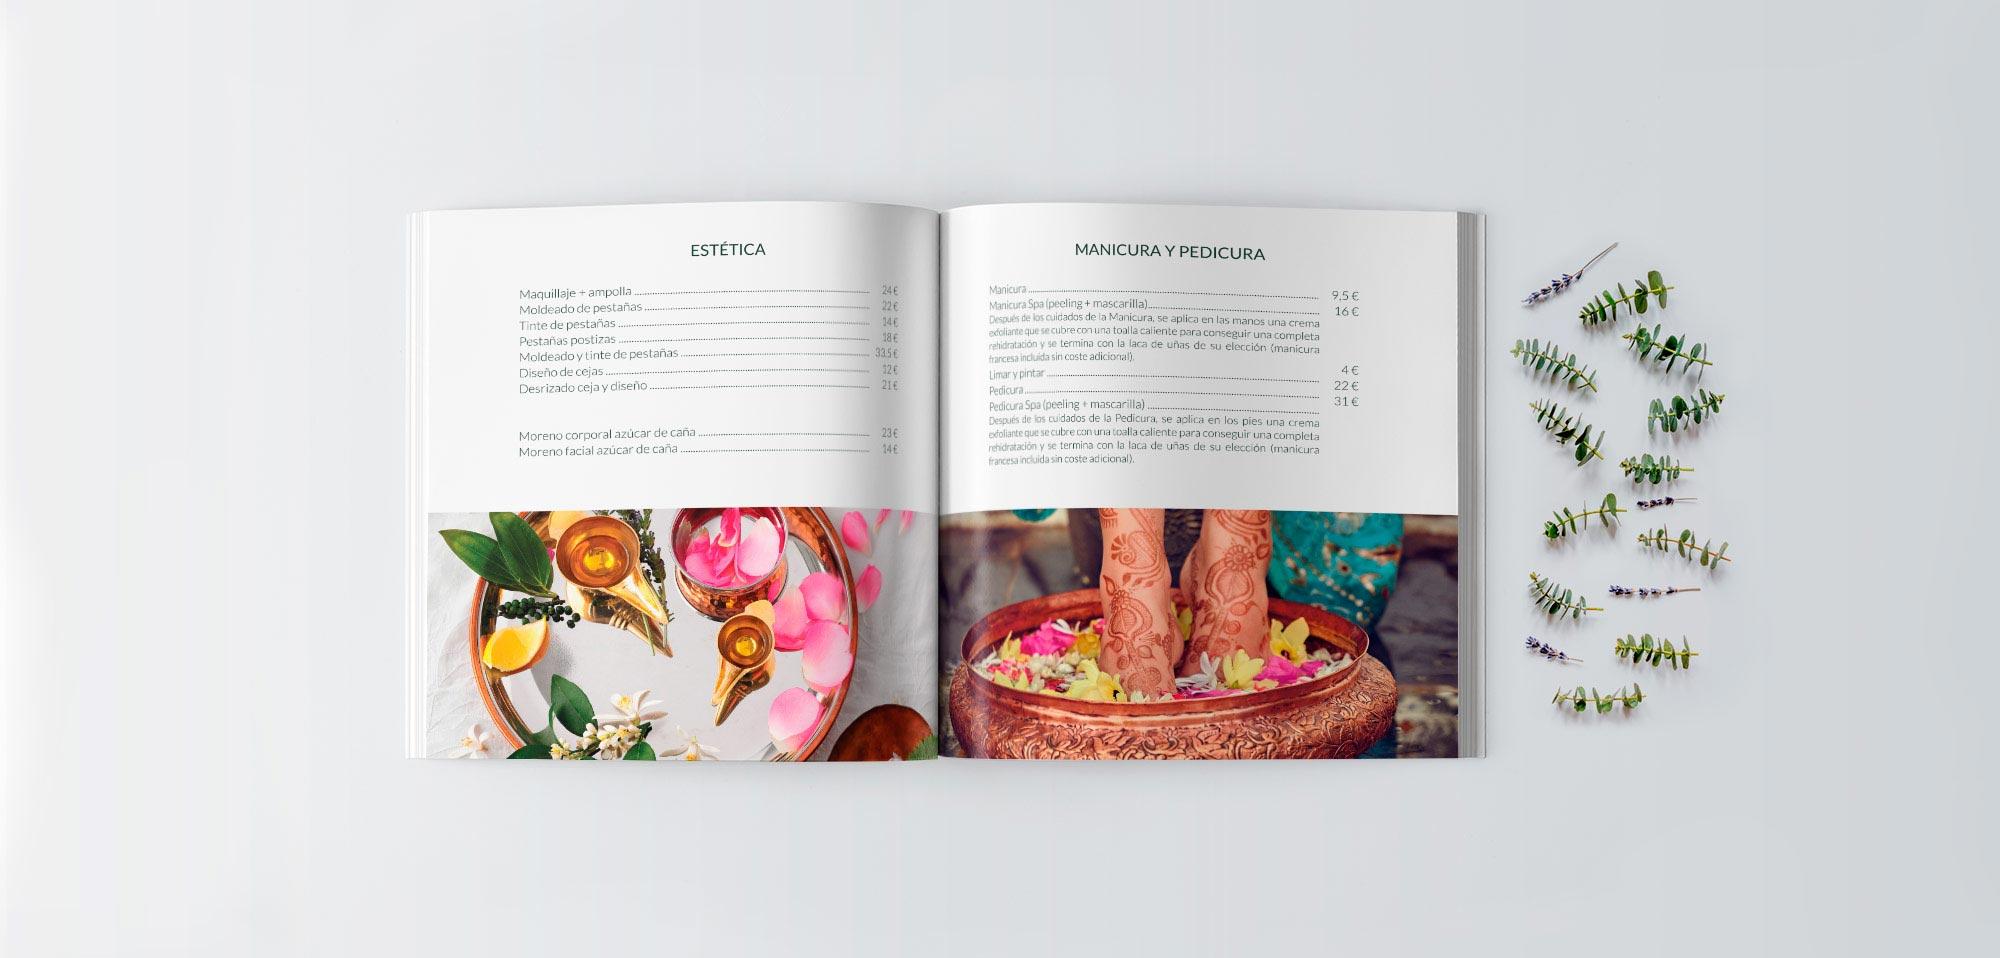 Catálogo realizado con un diseño limpio y elemgante con información servicios de la peluquería